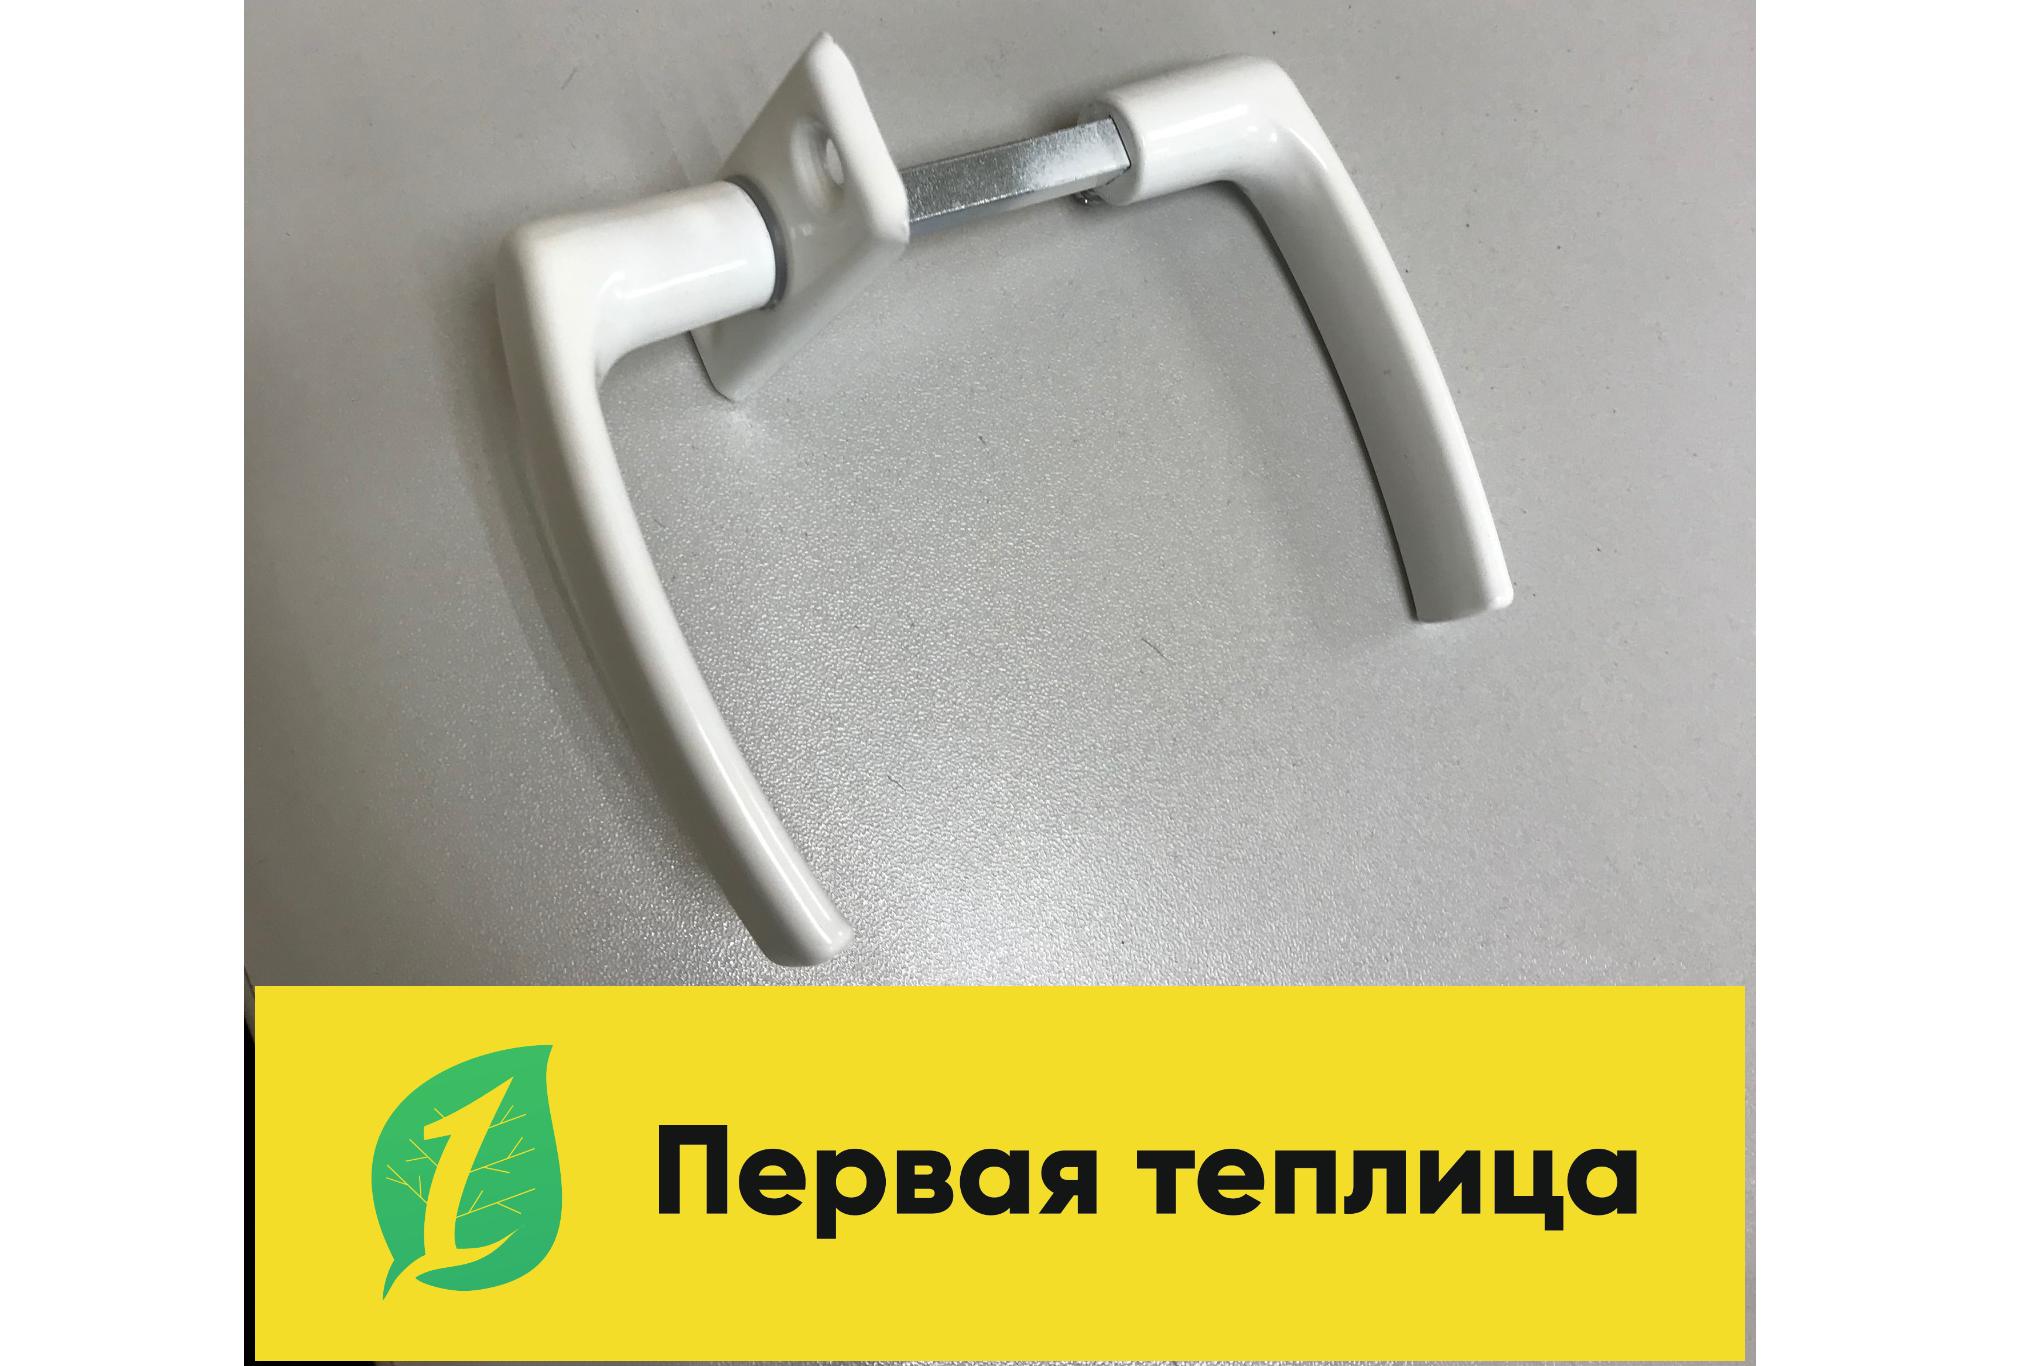 Ручка для теплицы двухсторонняя металлическая